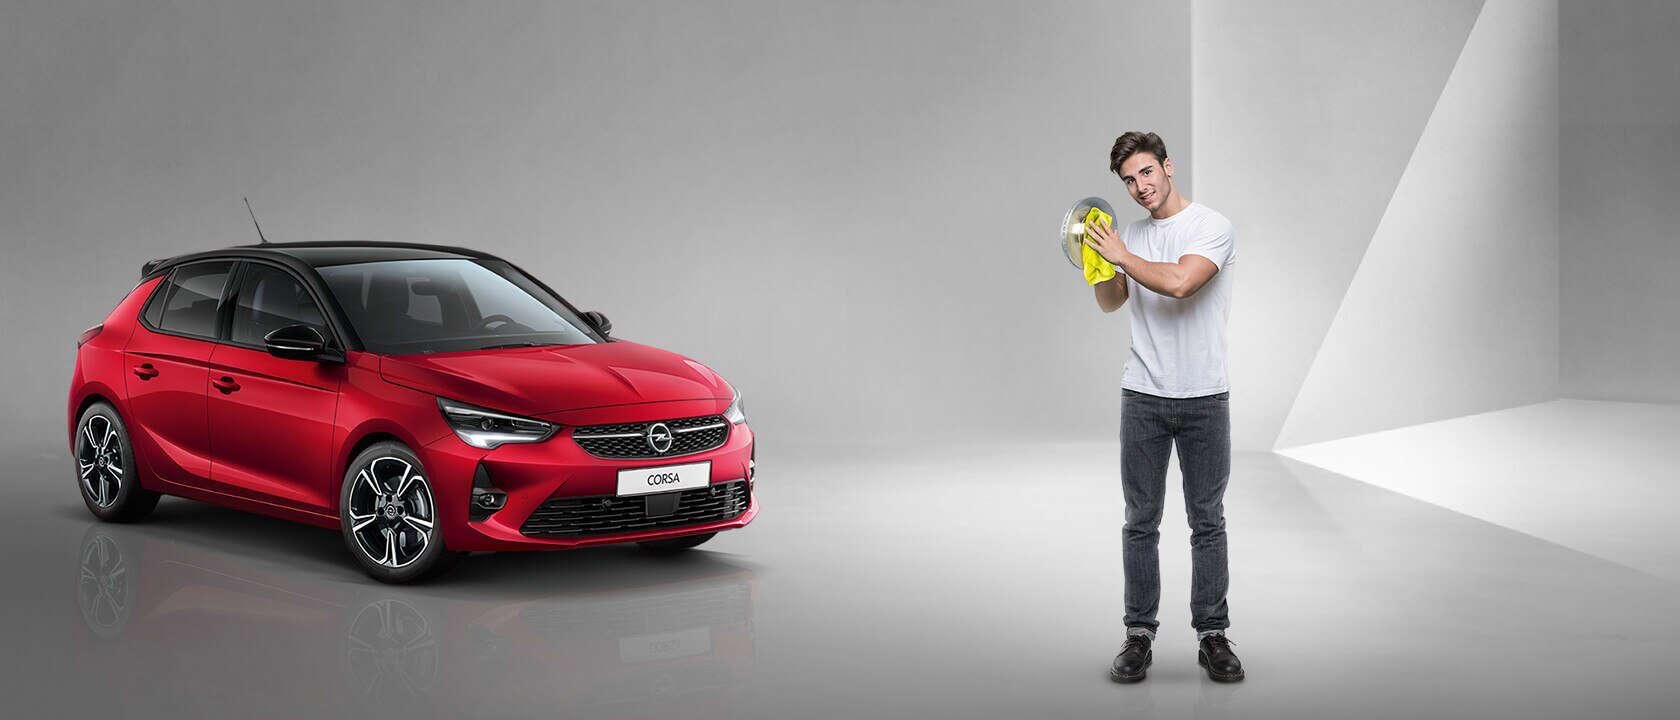 Підготуйте свій улюблений автомобіль до літнього сезону: 20% вигоди на оригінальні запчастини, 100% впевненості в якості!